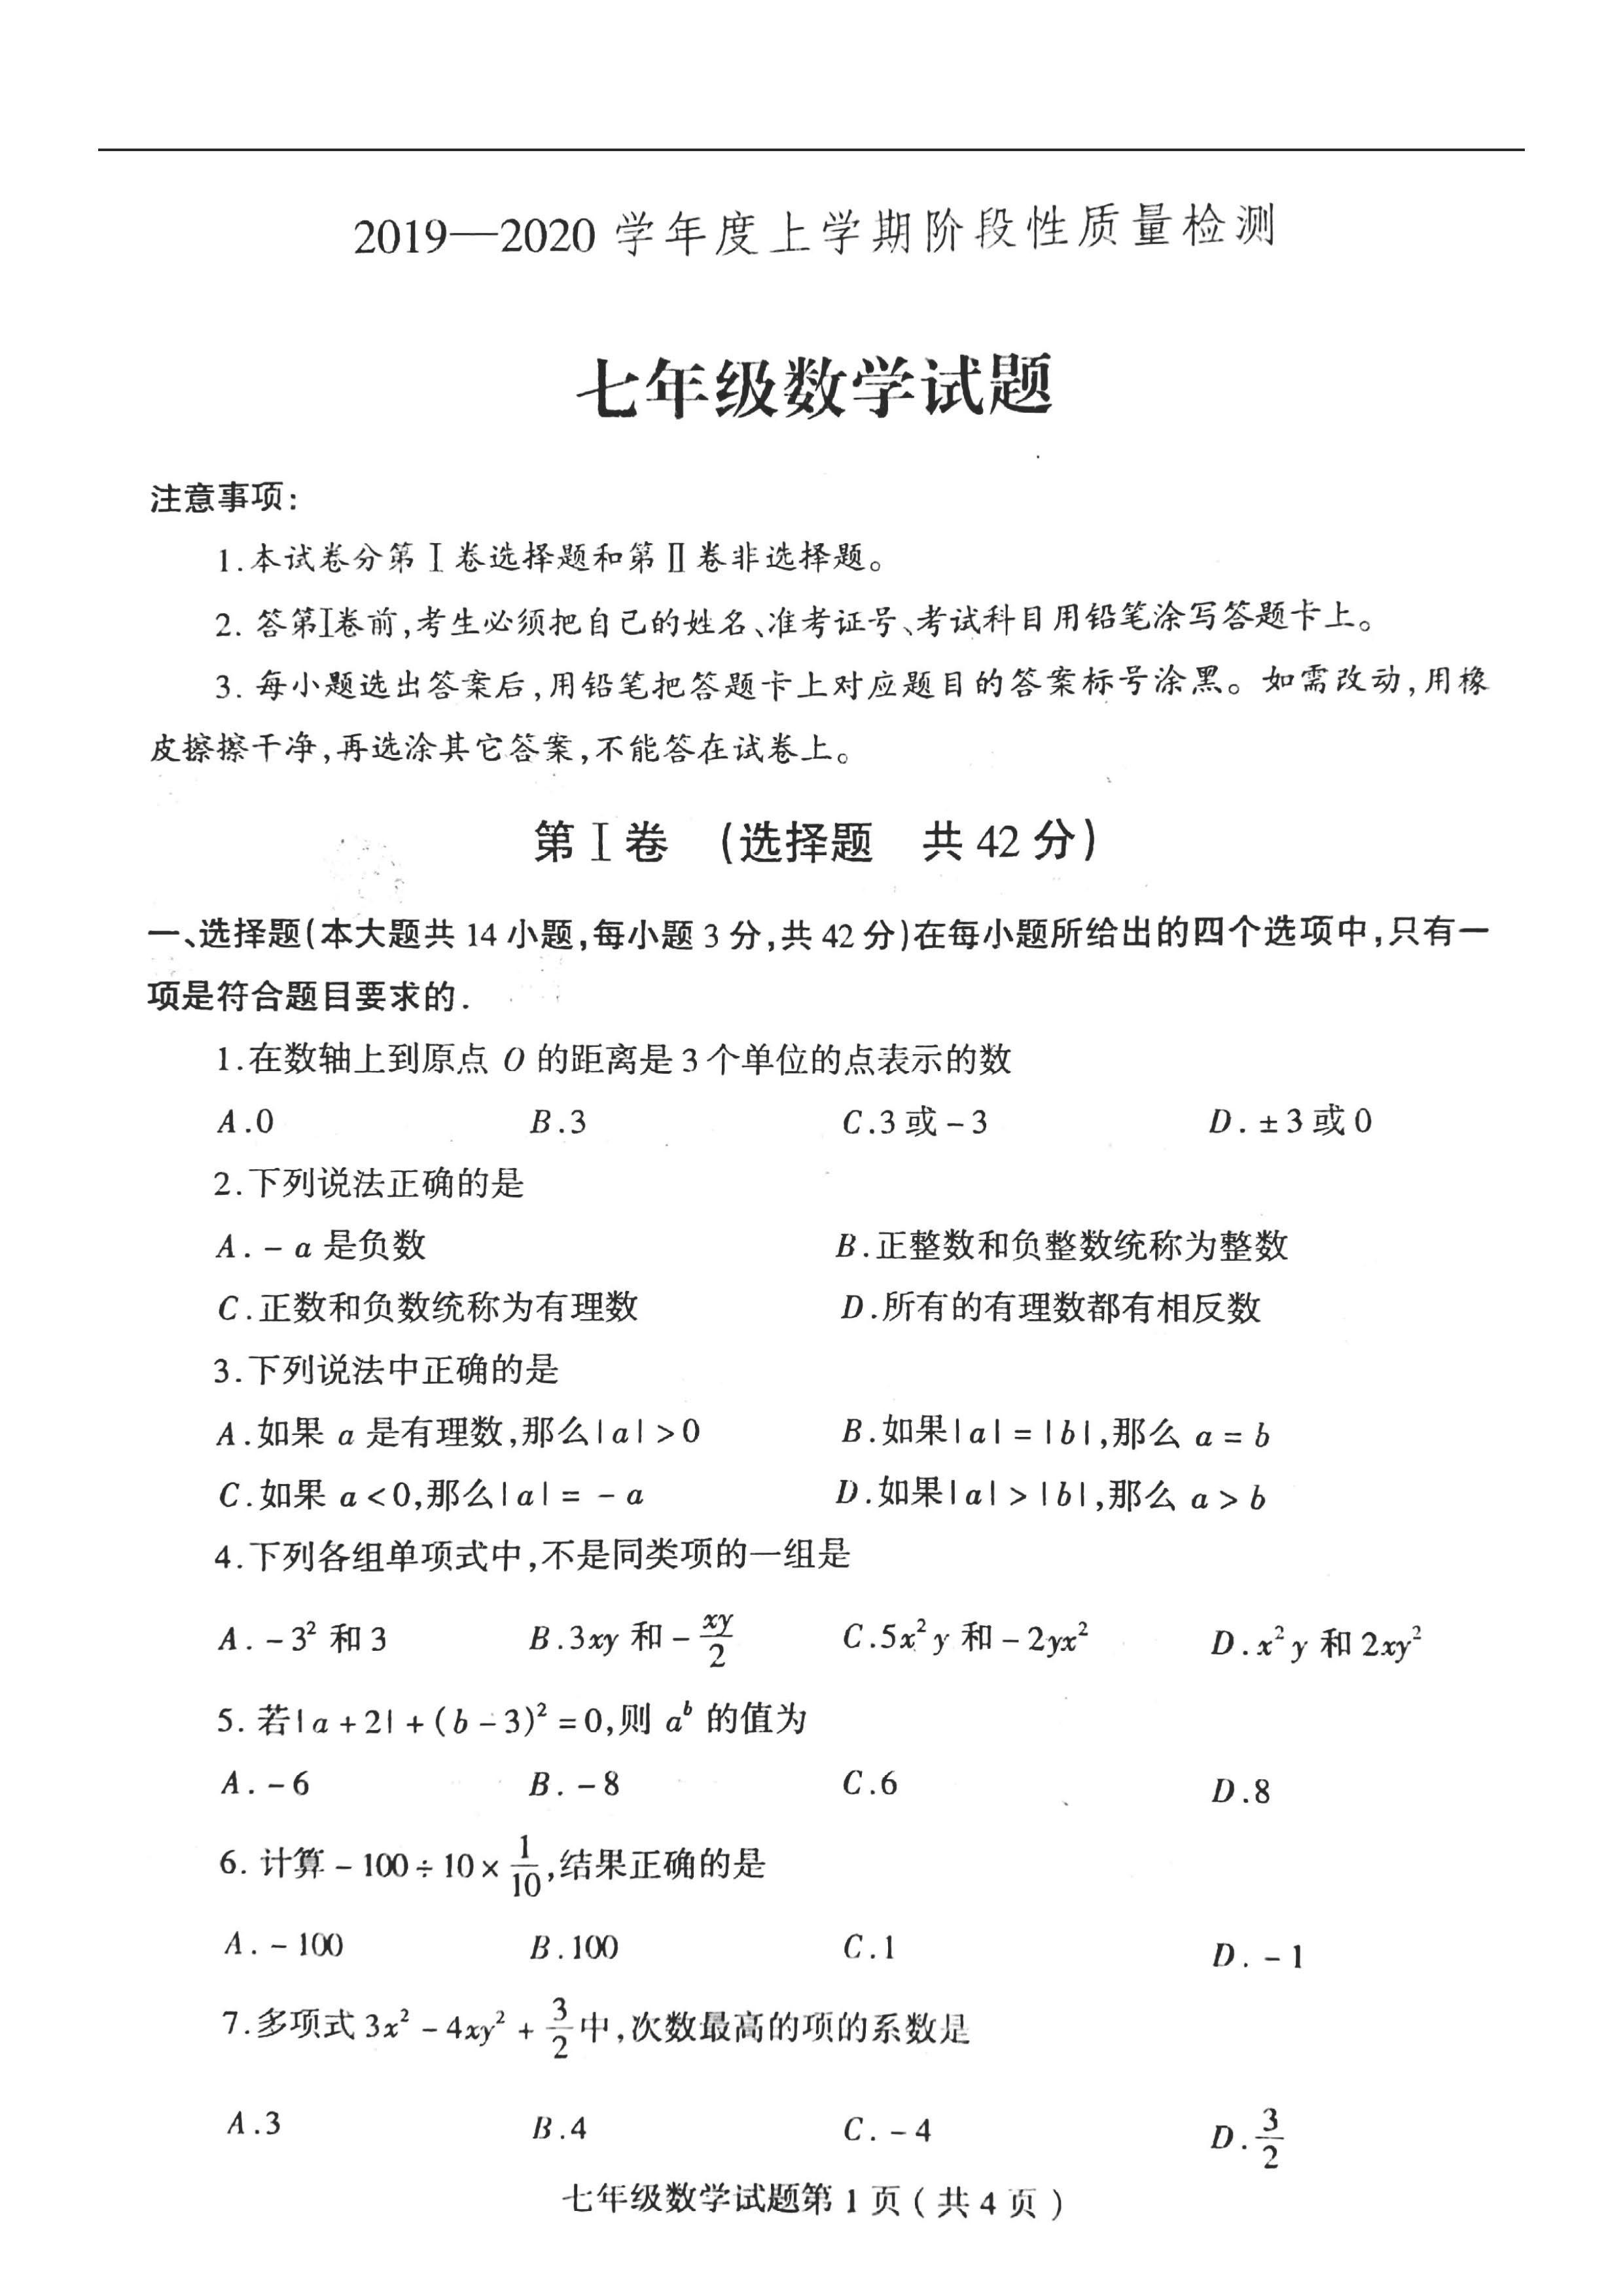 2019-2020临沂郯城县七年级上册数学期中试题无答案